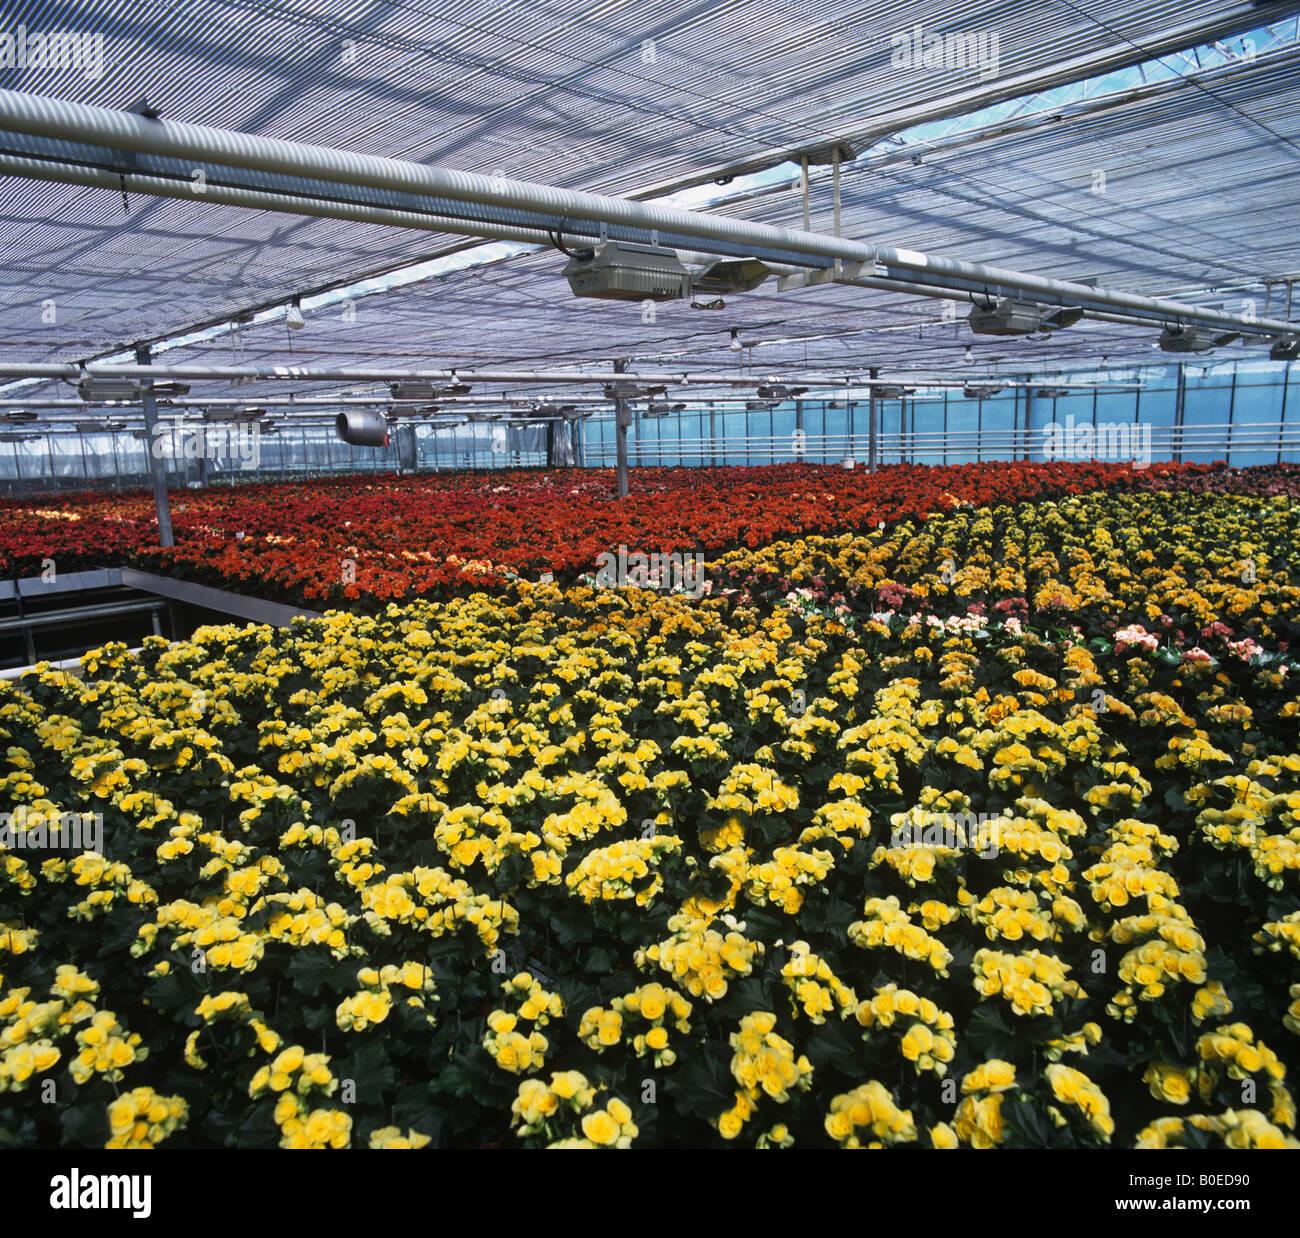 Busy Lizzie élevage plantes pour la vente dans les magasins dans une grande serre pépinière Banque D'Images